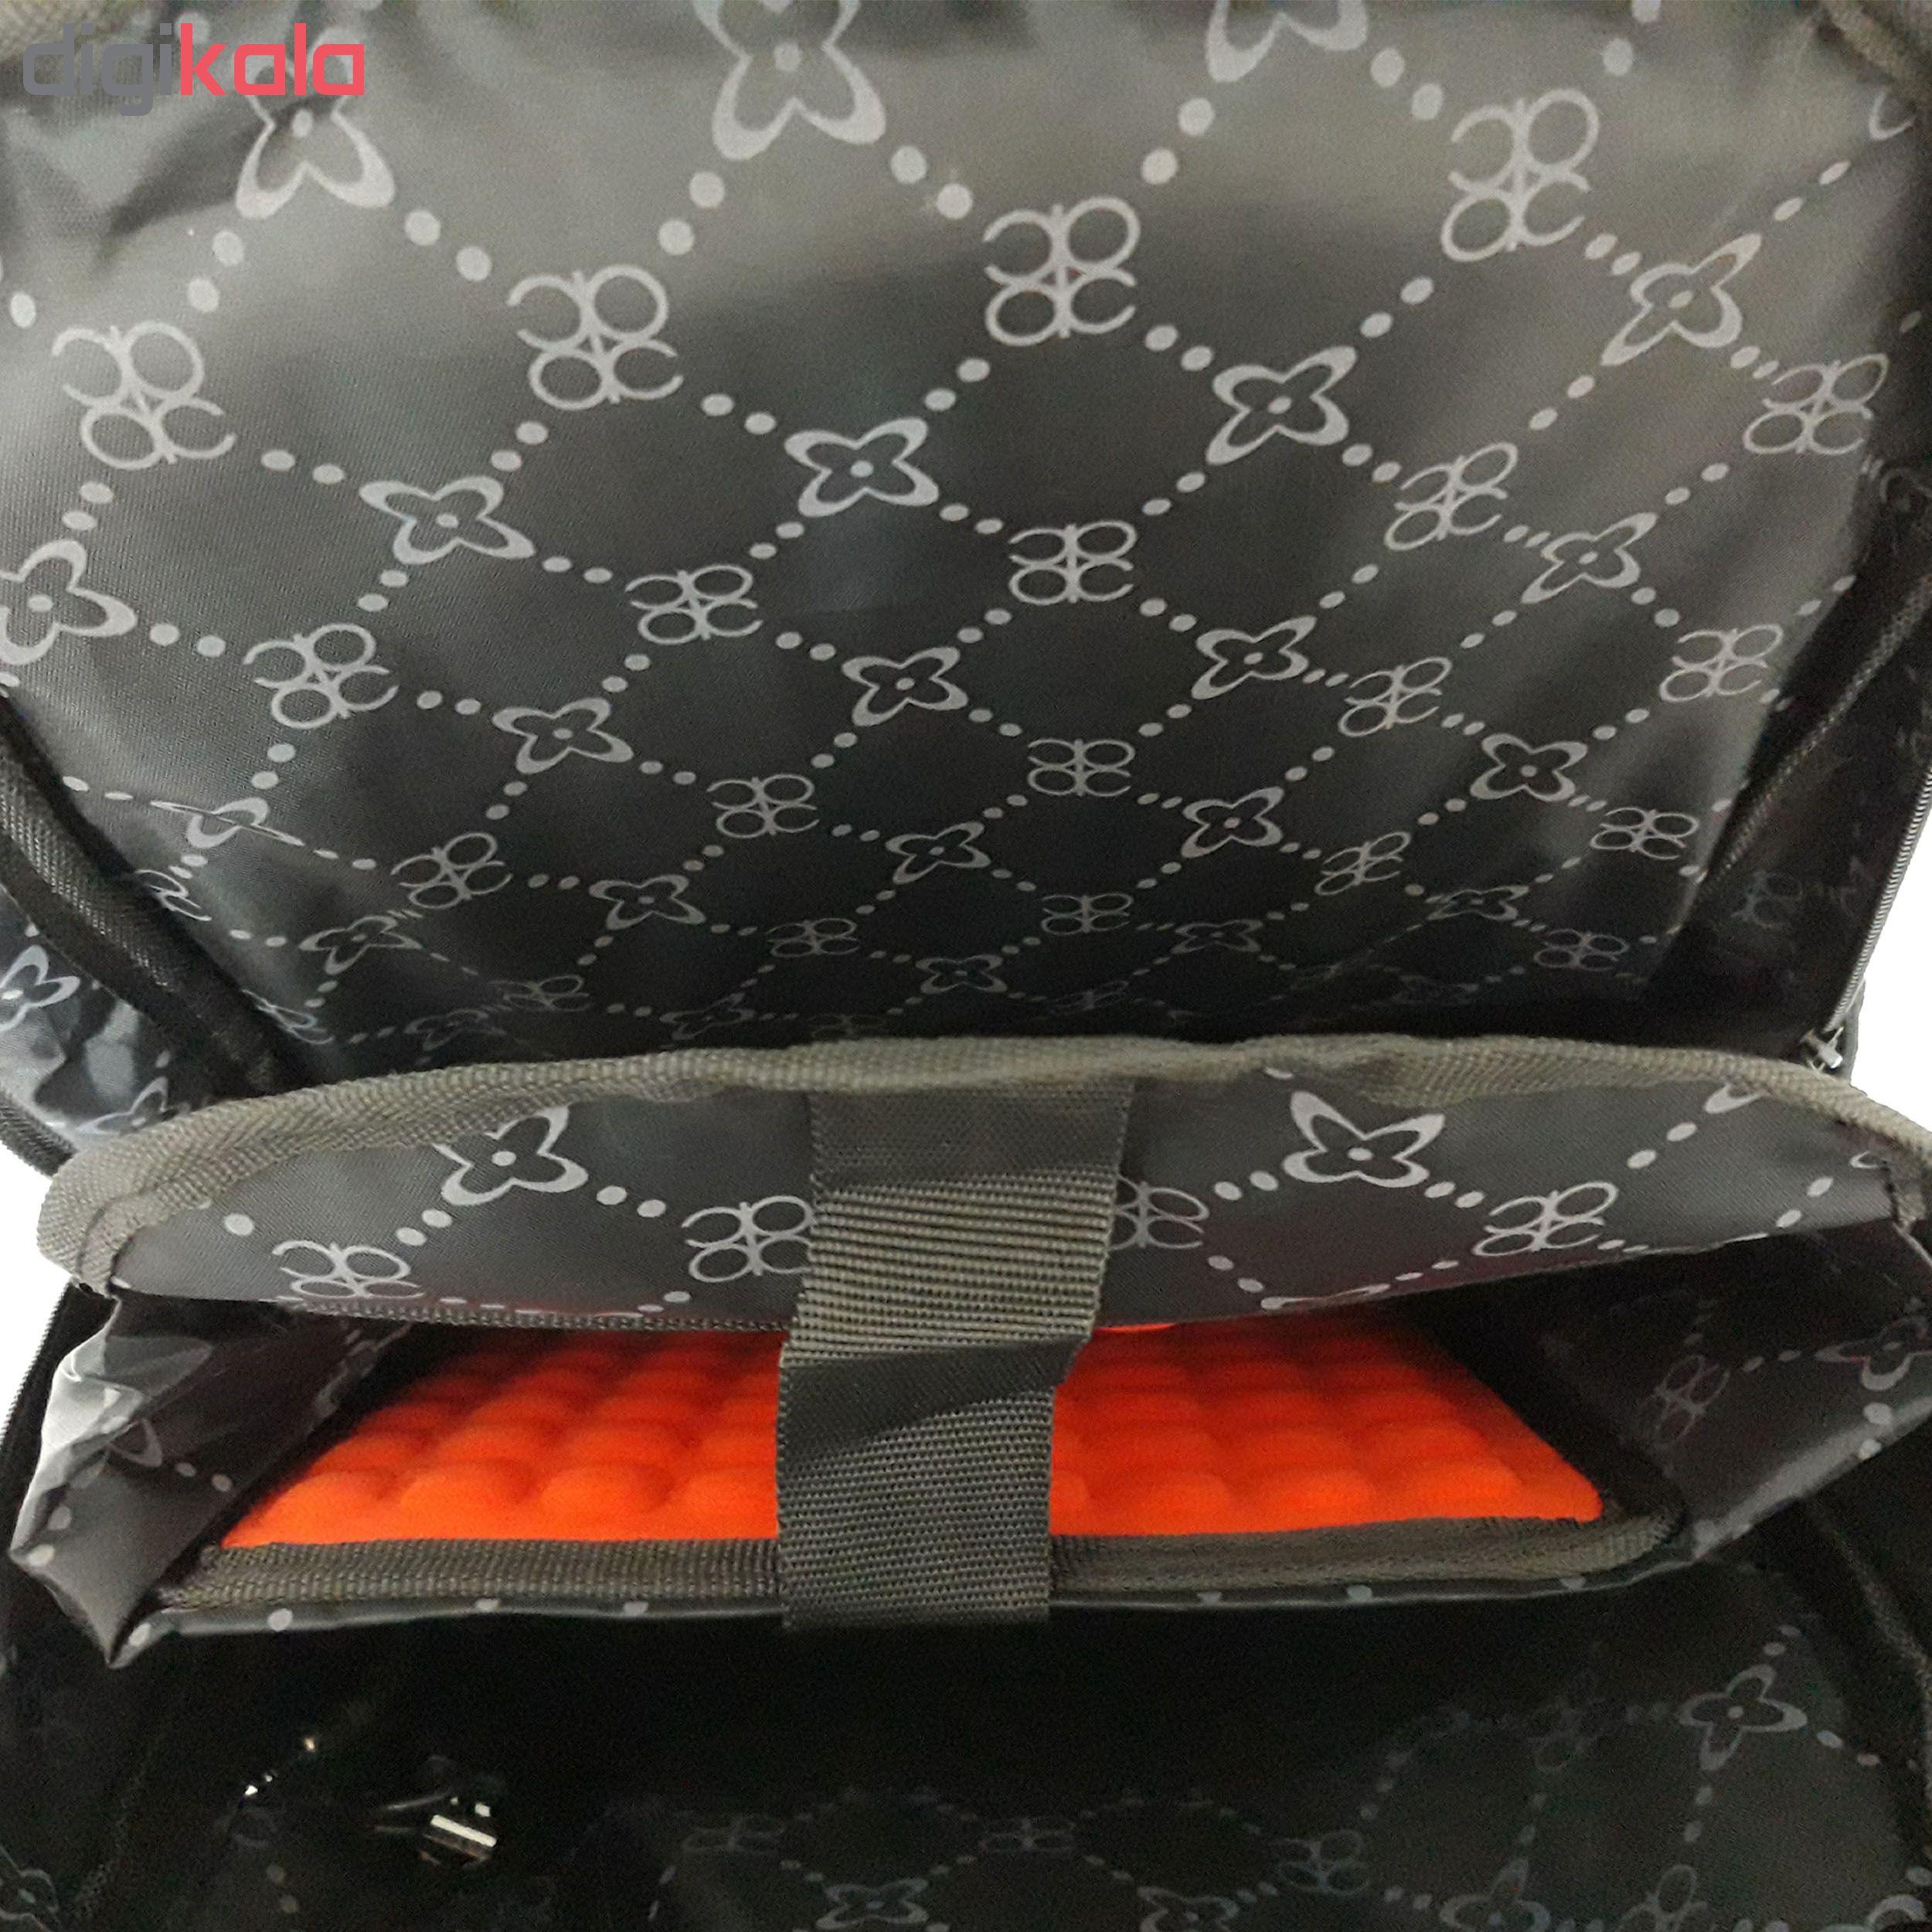 کوله پشتی لپ تاپ مدل R185 مناسب برای لپ تاپ 15 تا 17 اینچی